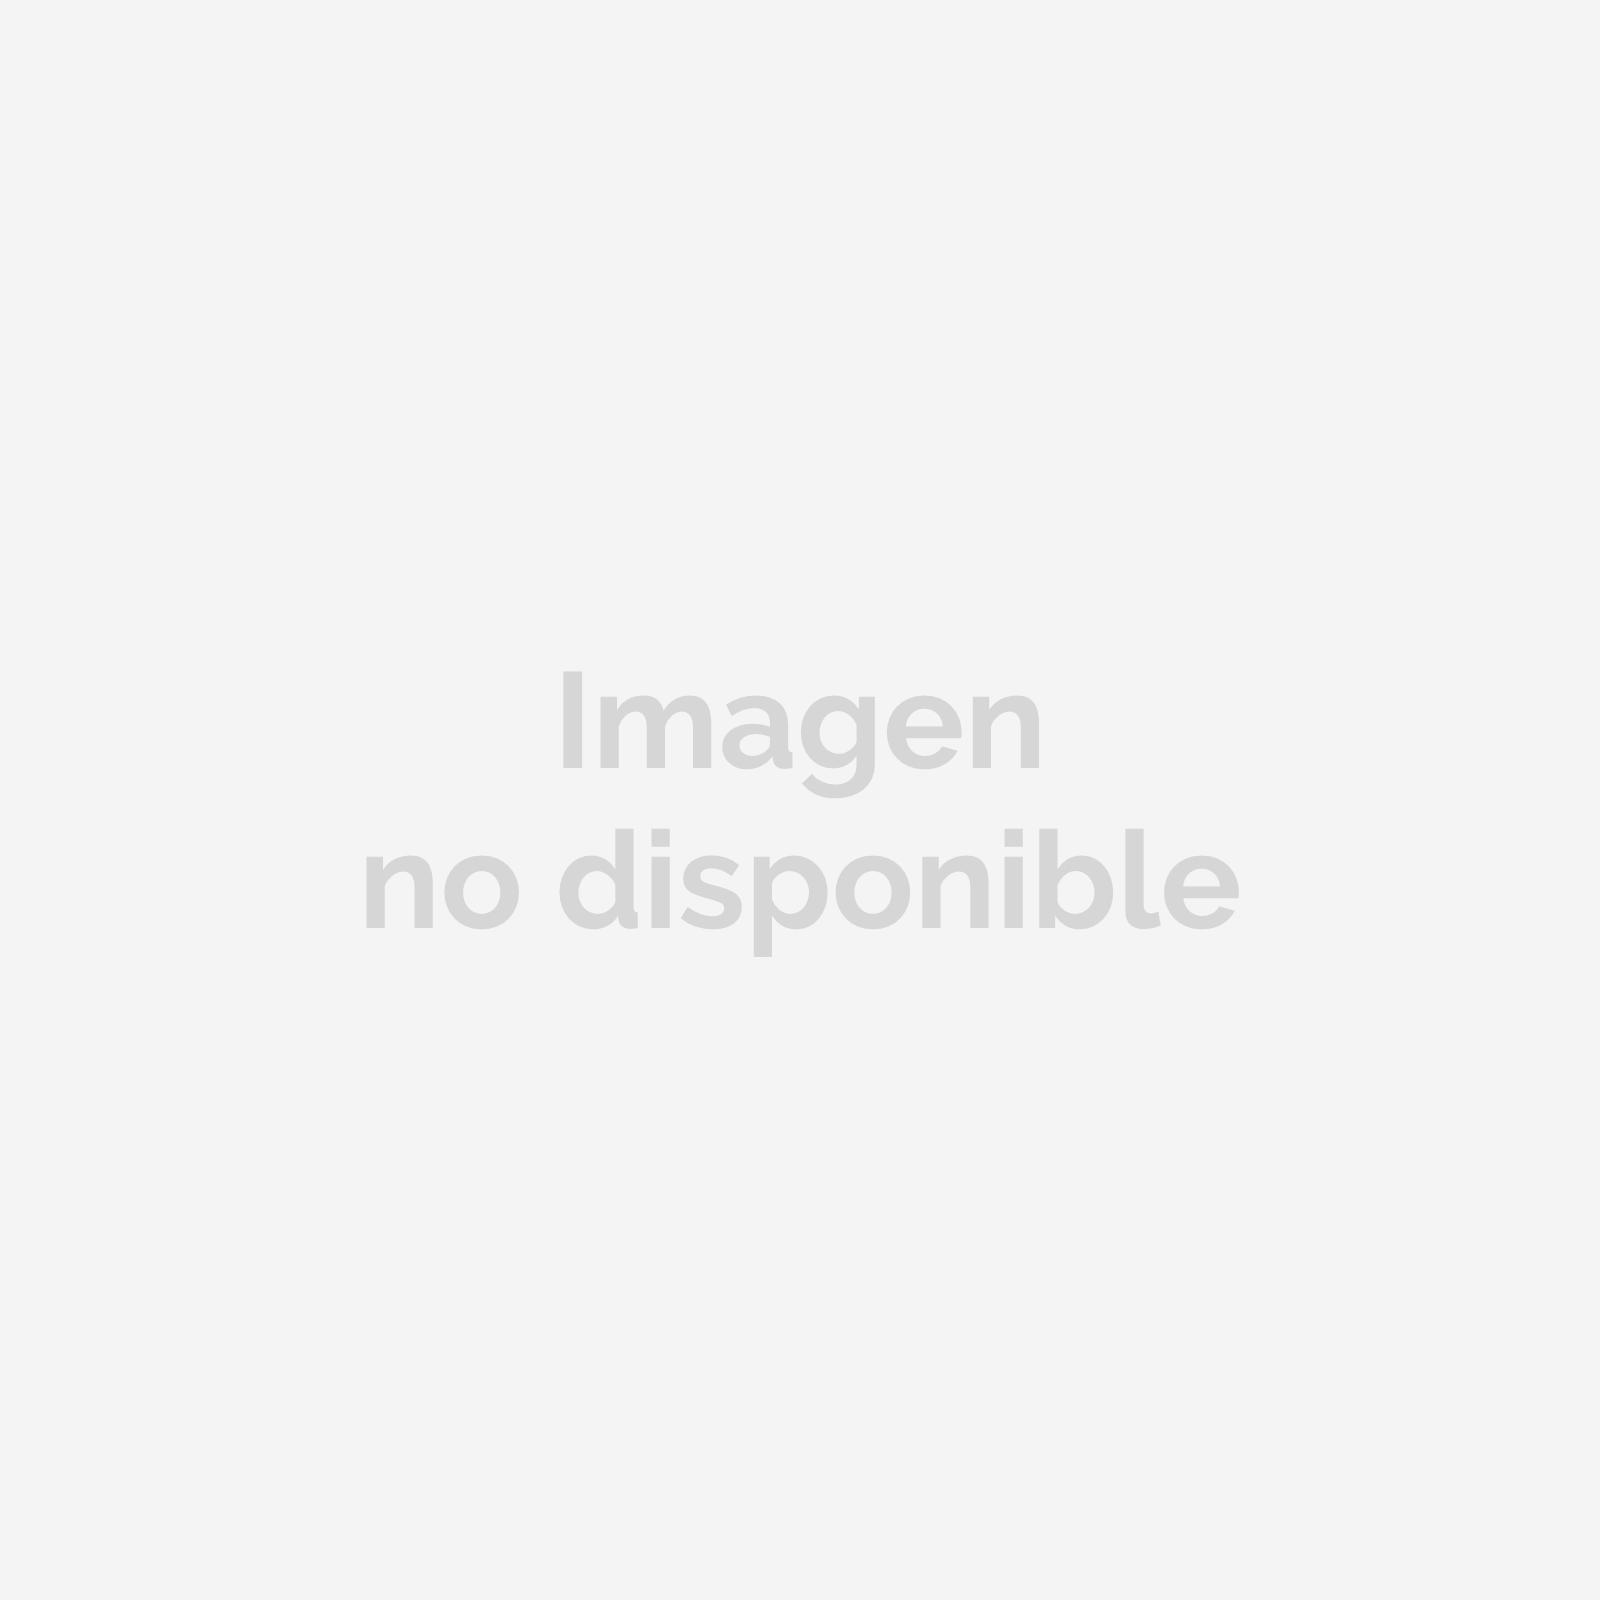 Colombia Noir Cafetera De Aluminio 9 tz